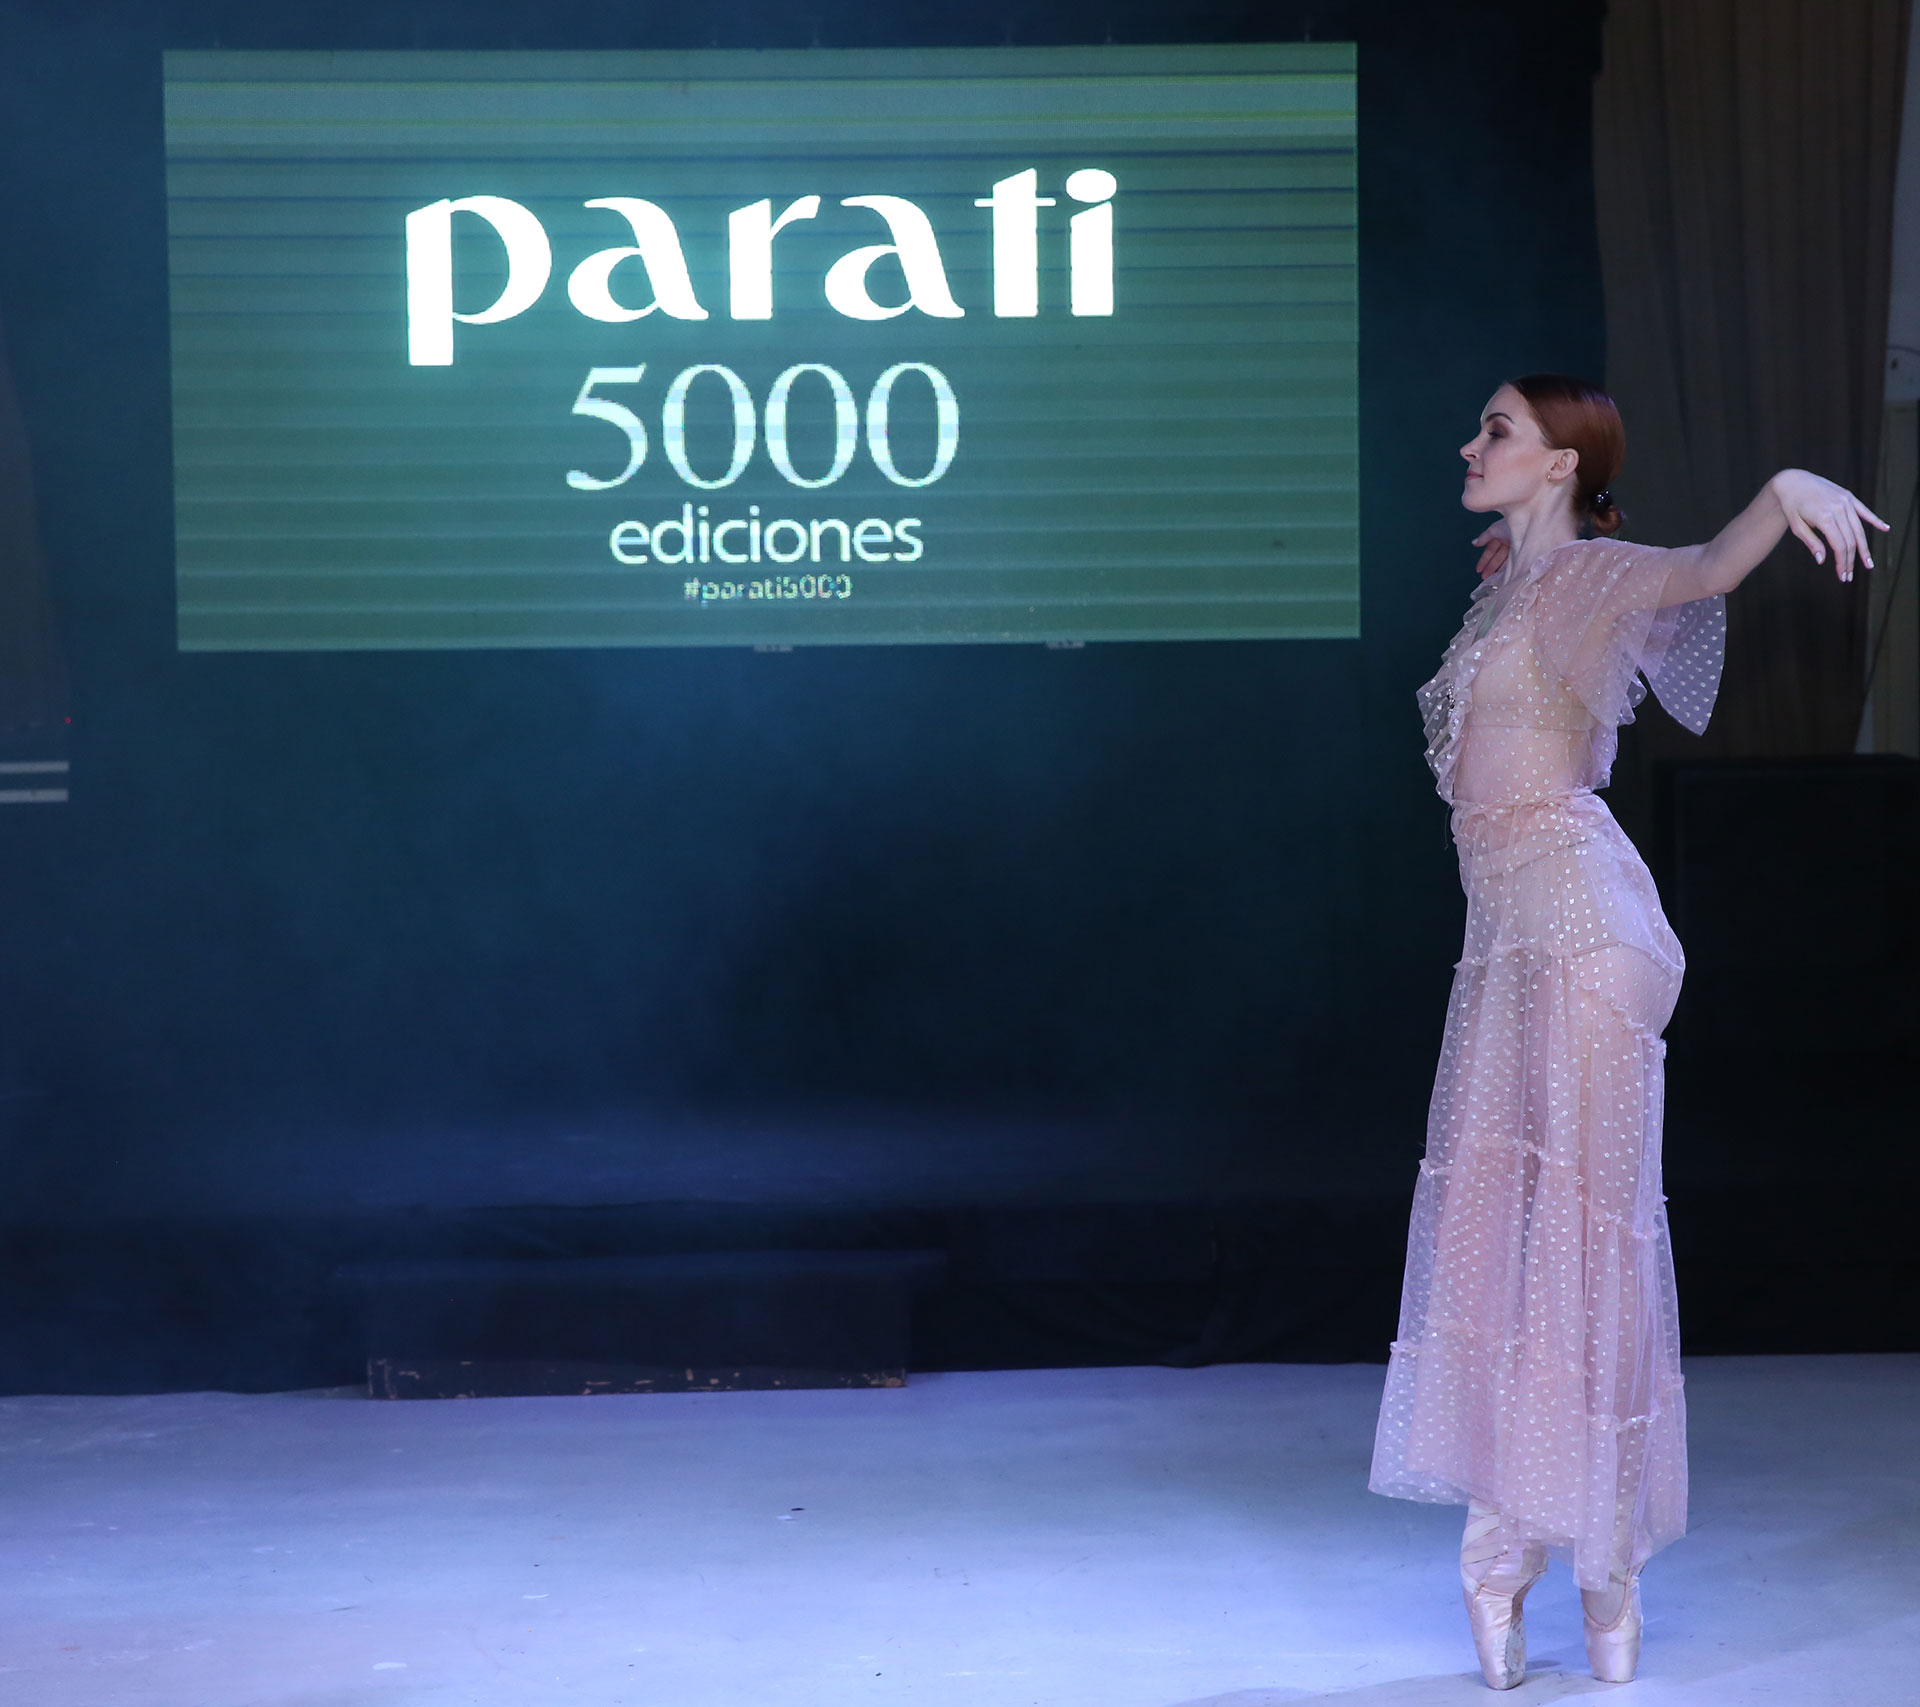 La bailarina Melisa Garat, dio inicio y cierre al evento con una performance.